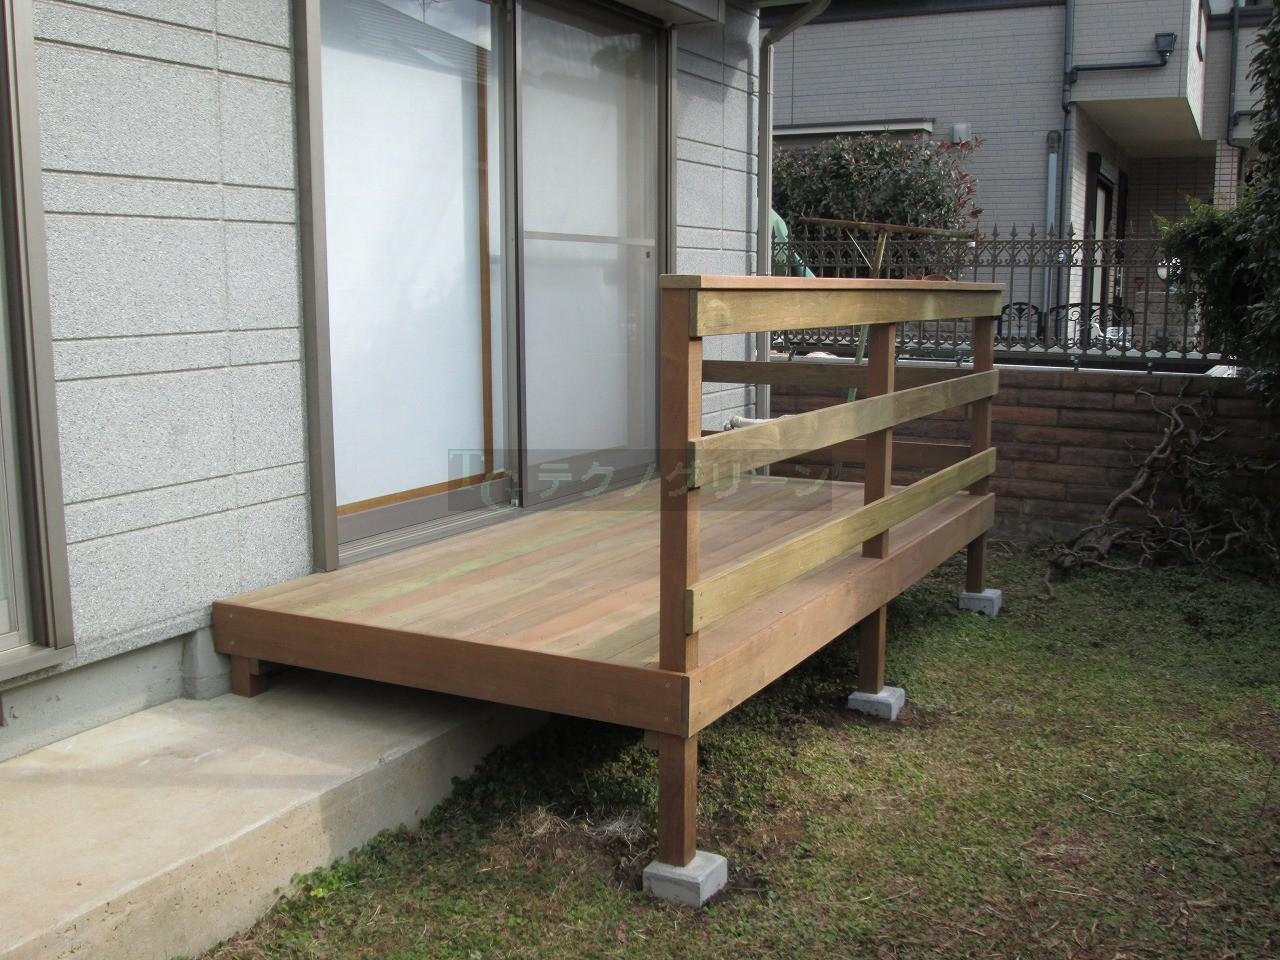 IMG_0467 そう!このウッドデッキ前に物干し台を設置すれば、いちち降りなくても干せ...